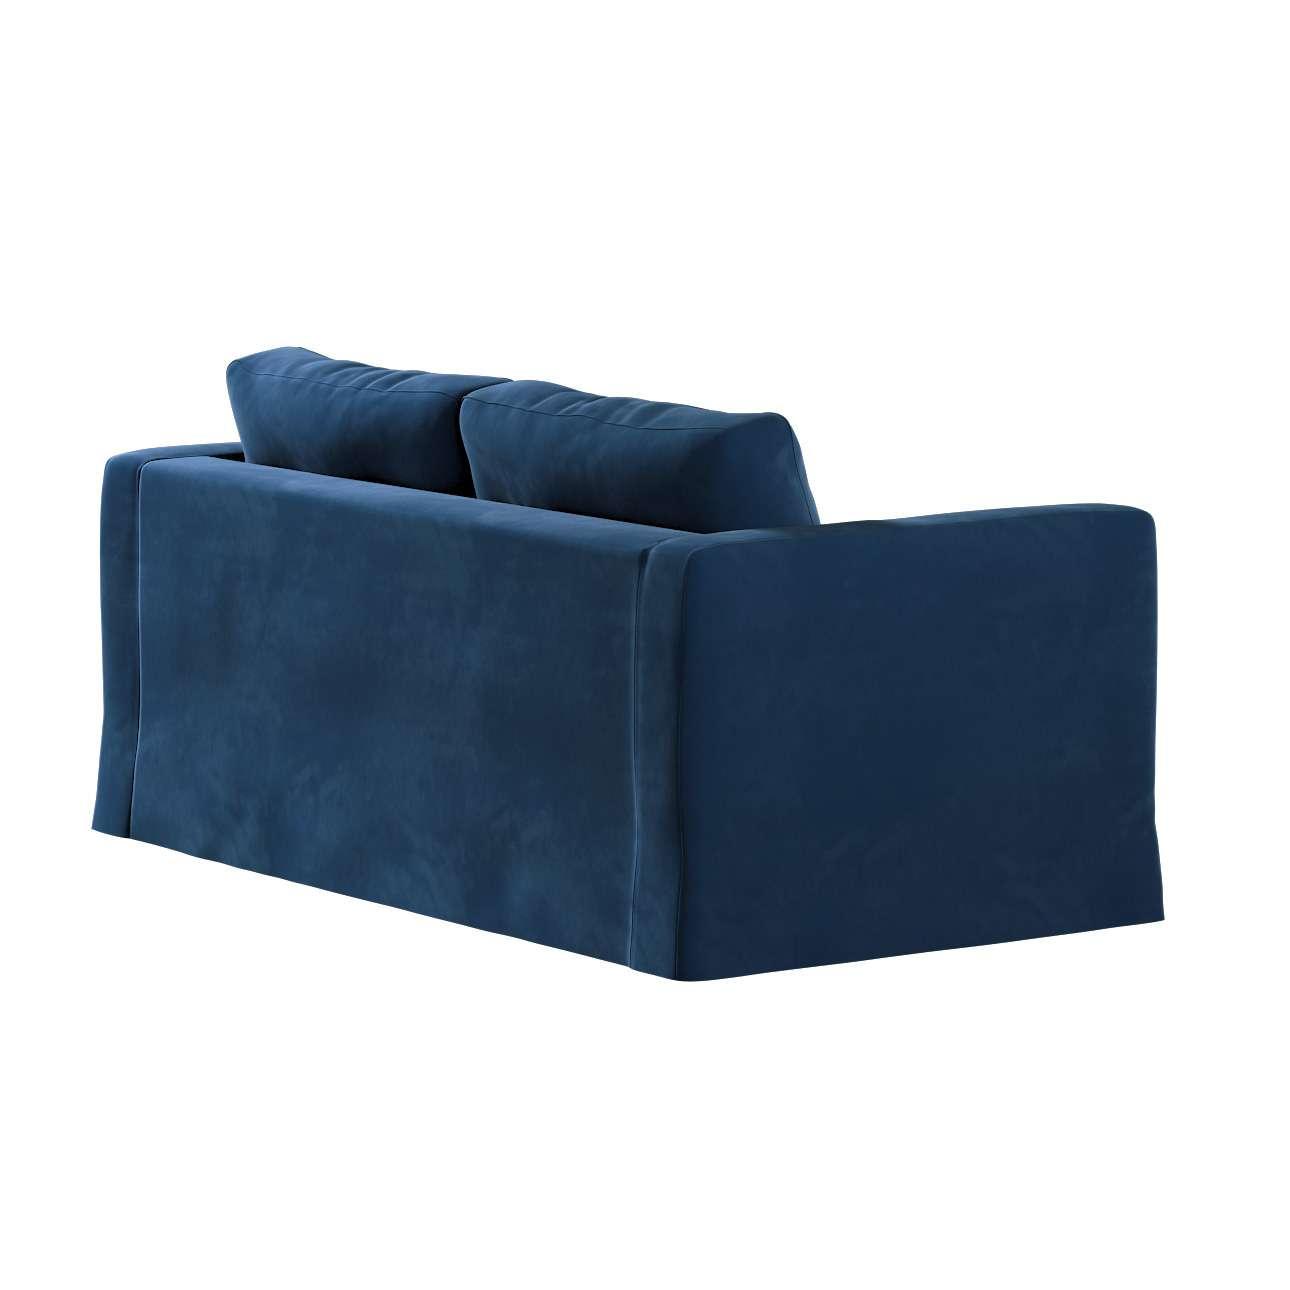 Hoes (lang) voor IKEA-Karlstad 2-zitsbank van de collectie Velvet, Stof: 704-29